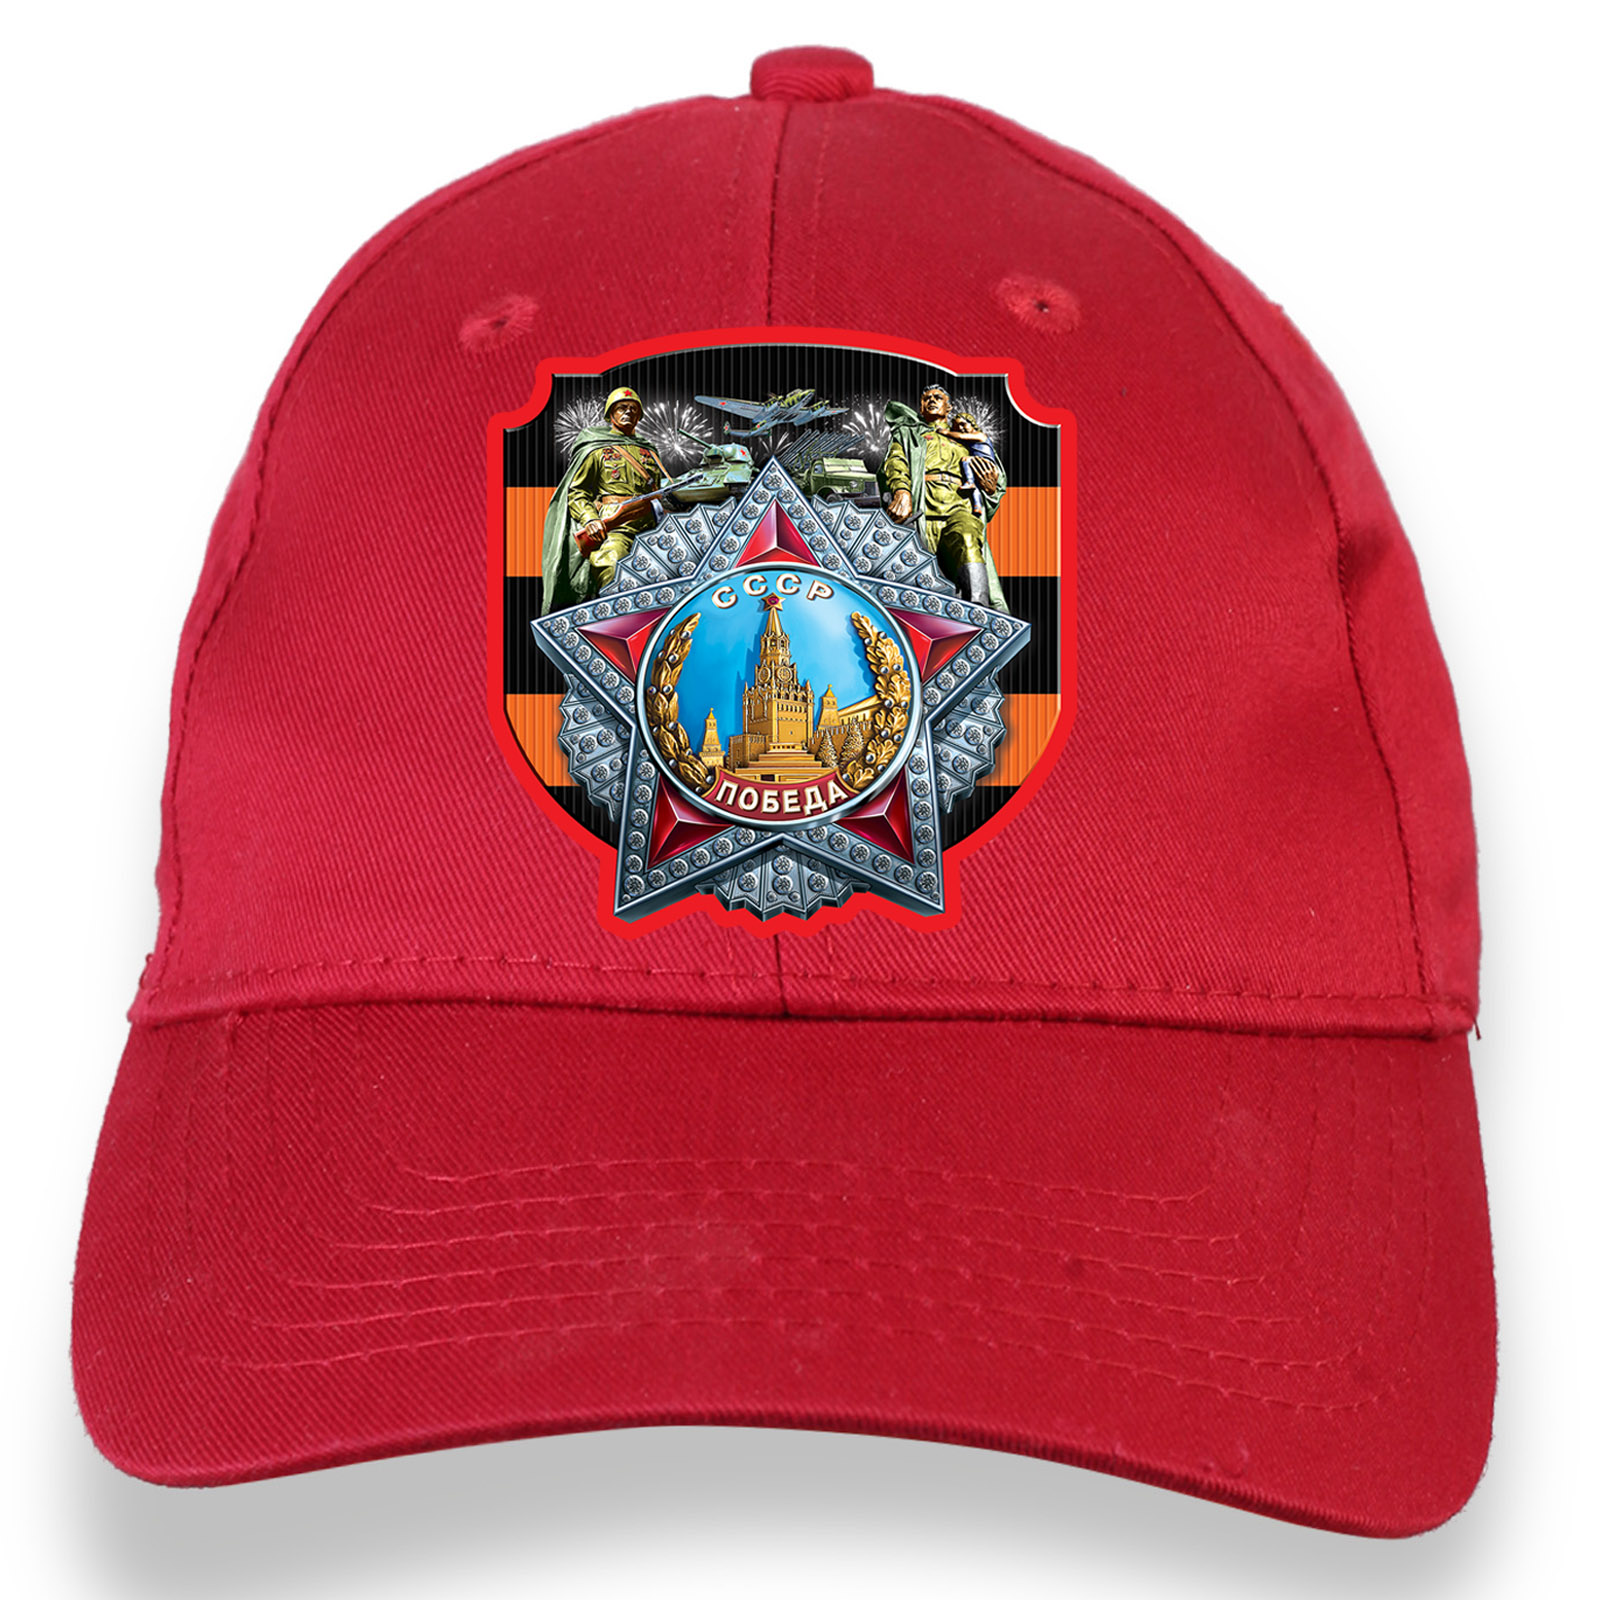 Красная бейсболка для массовых мероприятий на День Победы